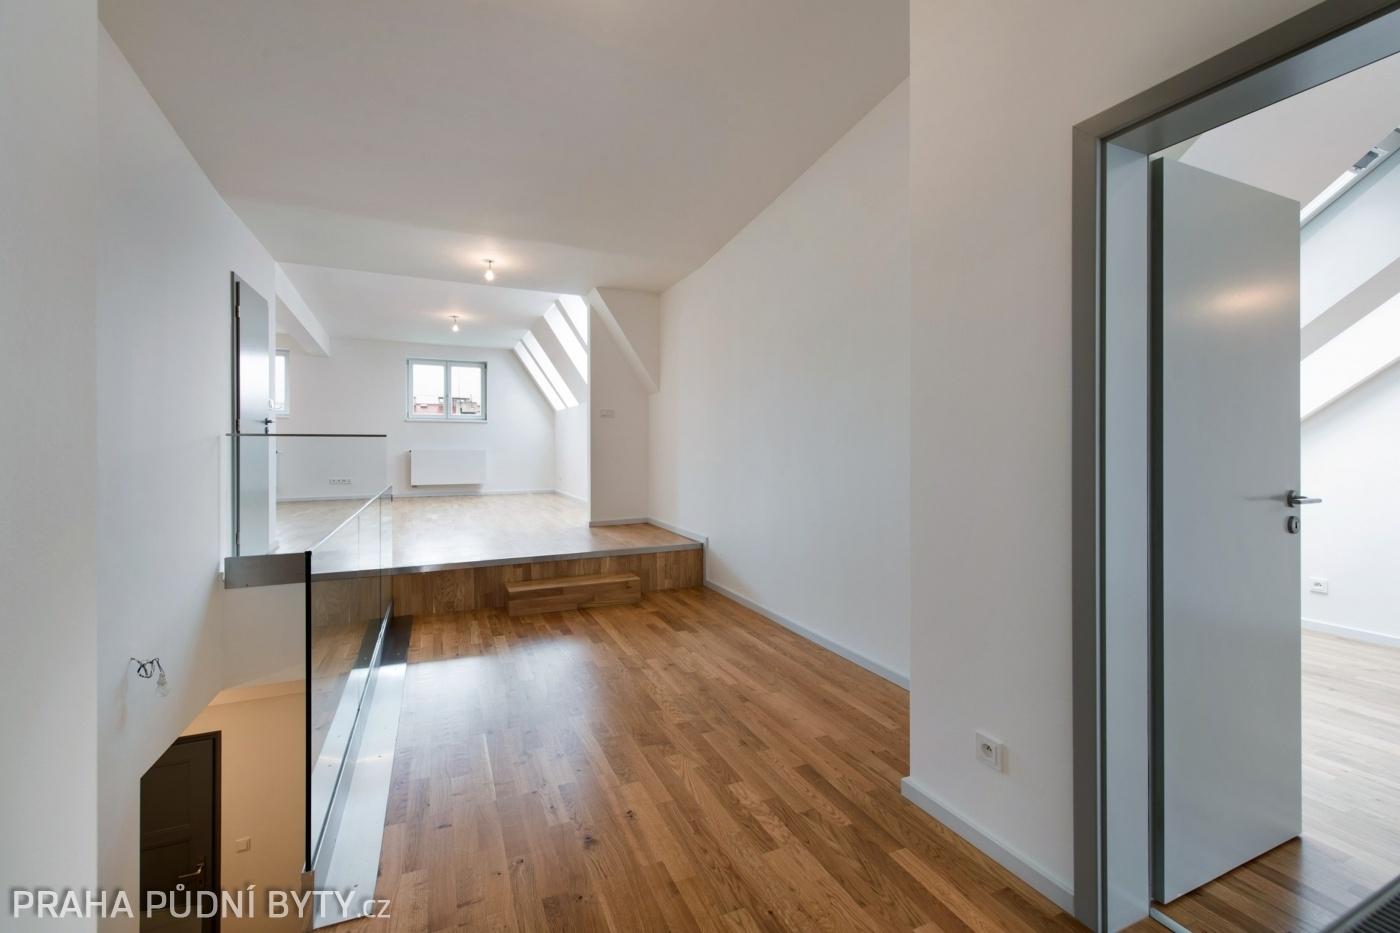 Půdní byt 3+kk, plocha 101 m², ulice Národní Obrany, Praha 6 - Dejvice   2